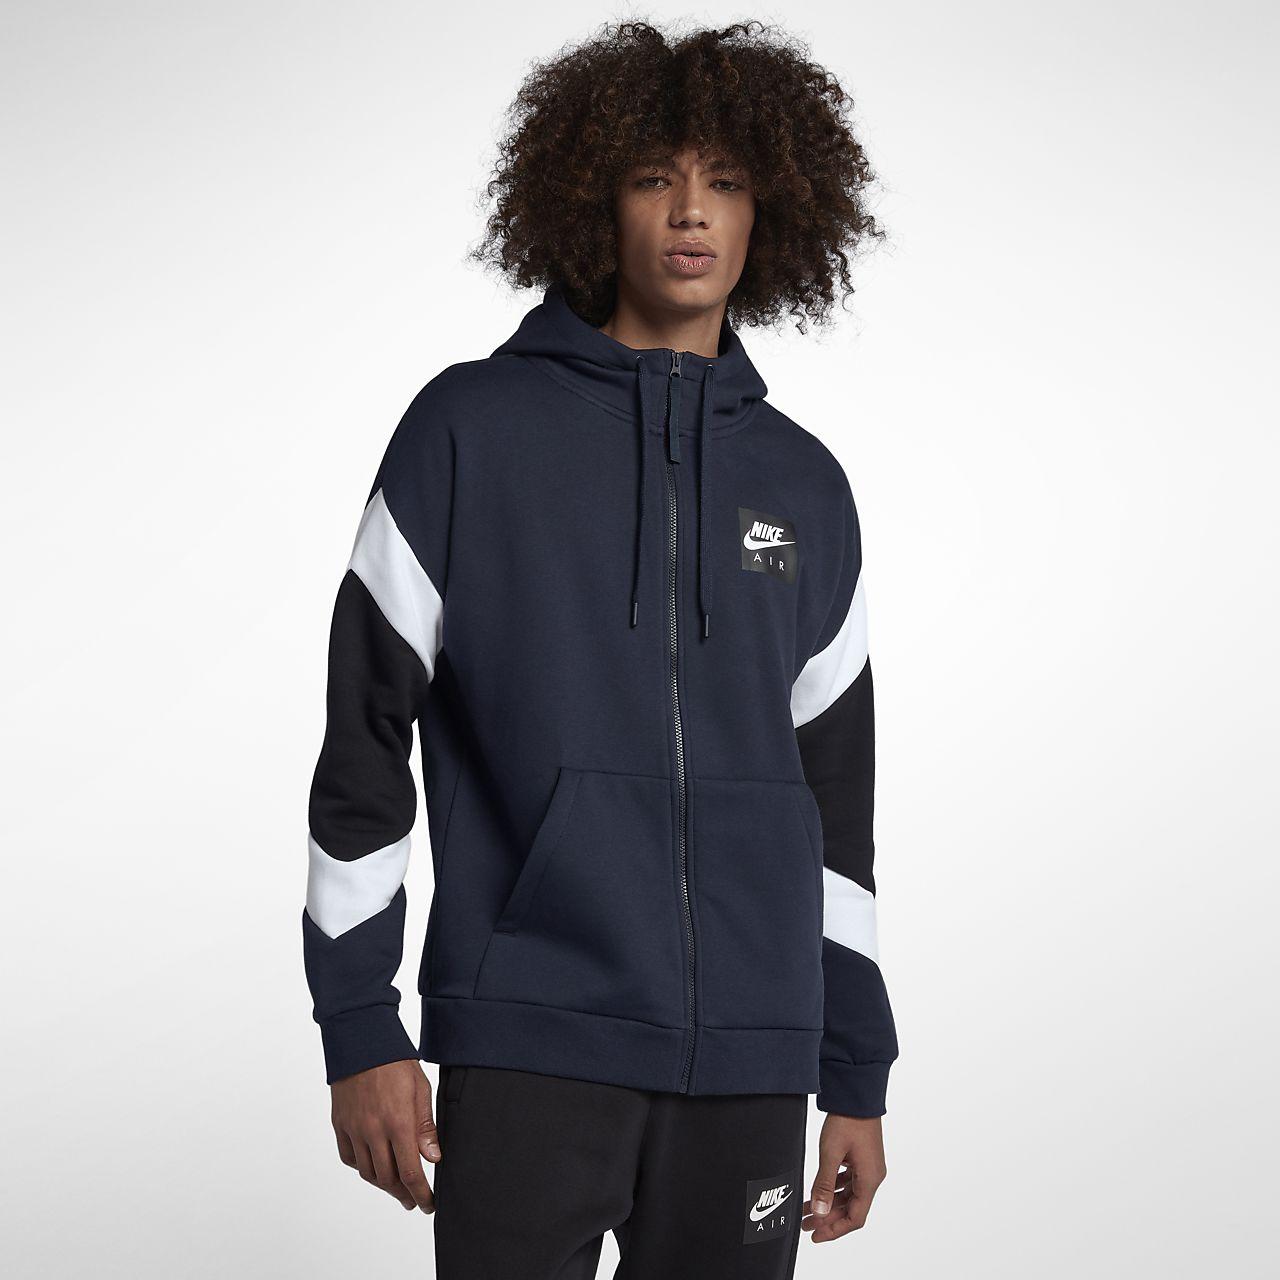 Nike Sportswear Air Herren-Hoodie mit durchgehendem Reißverschluss ... 267089c286